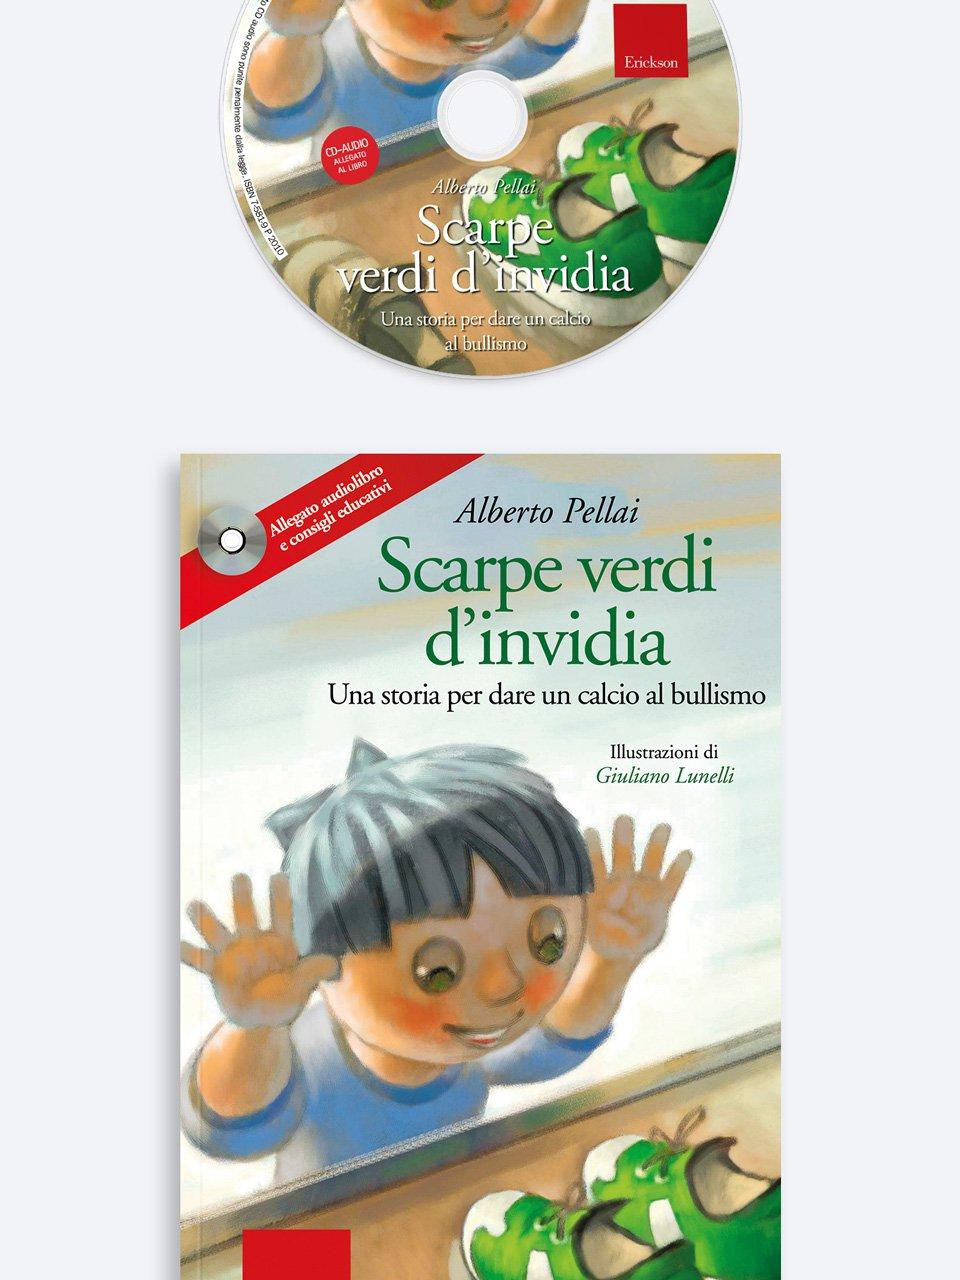 Scarpe verdi d'invidia - La paura delle malattie - Libri - Erickson